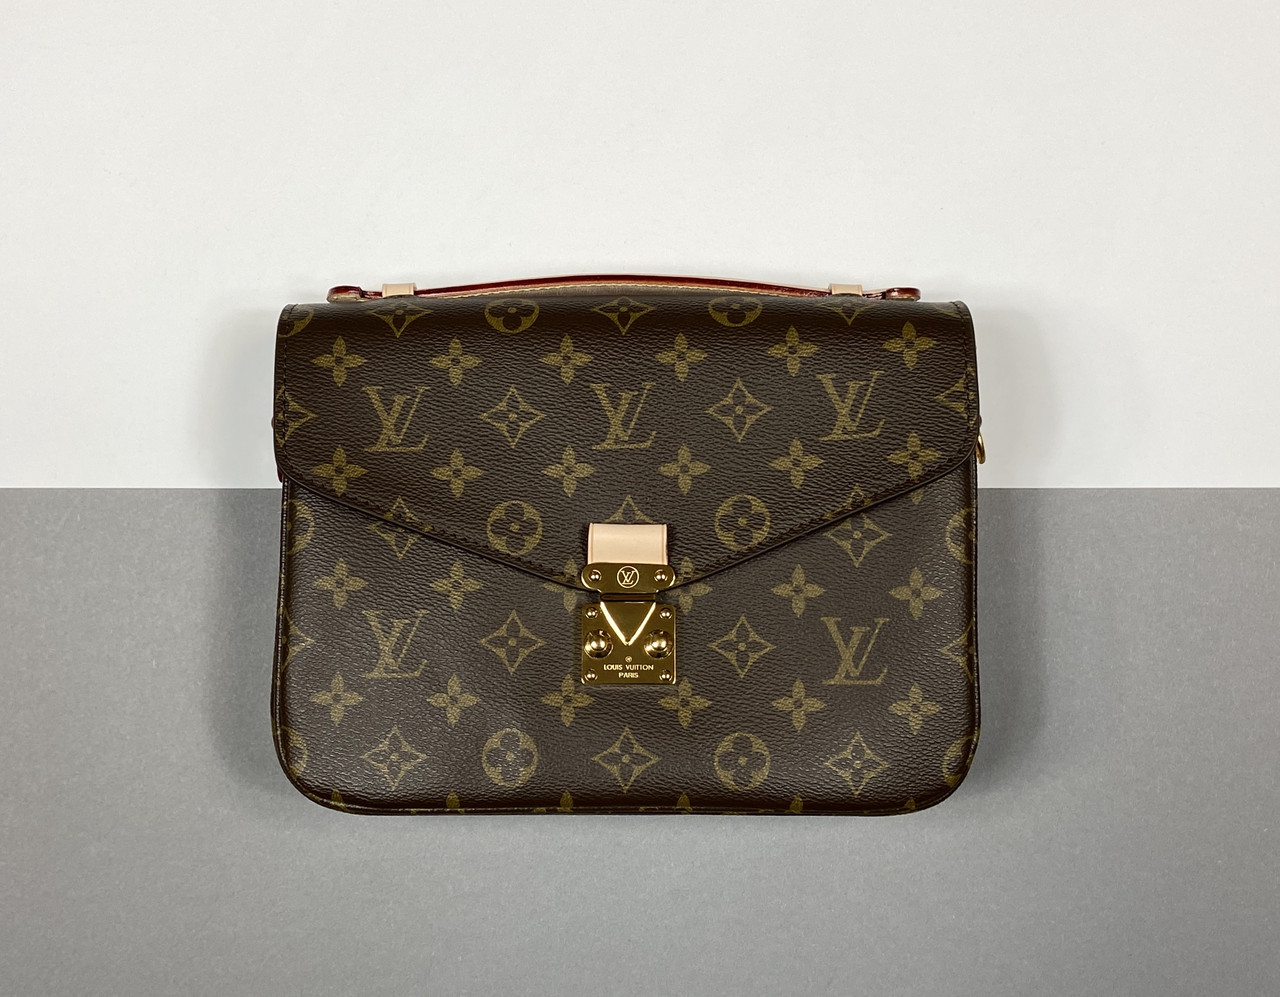 Сумка Louis Vuitton Pochette Metis (Луи Виттон Пошет Метис) арт. 03-393